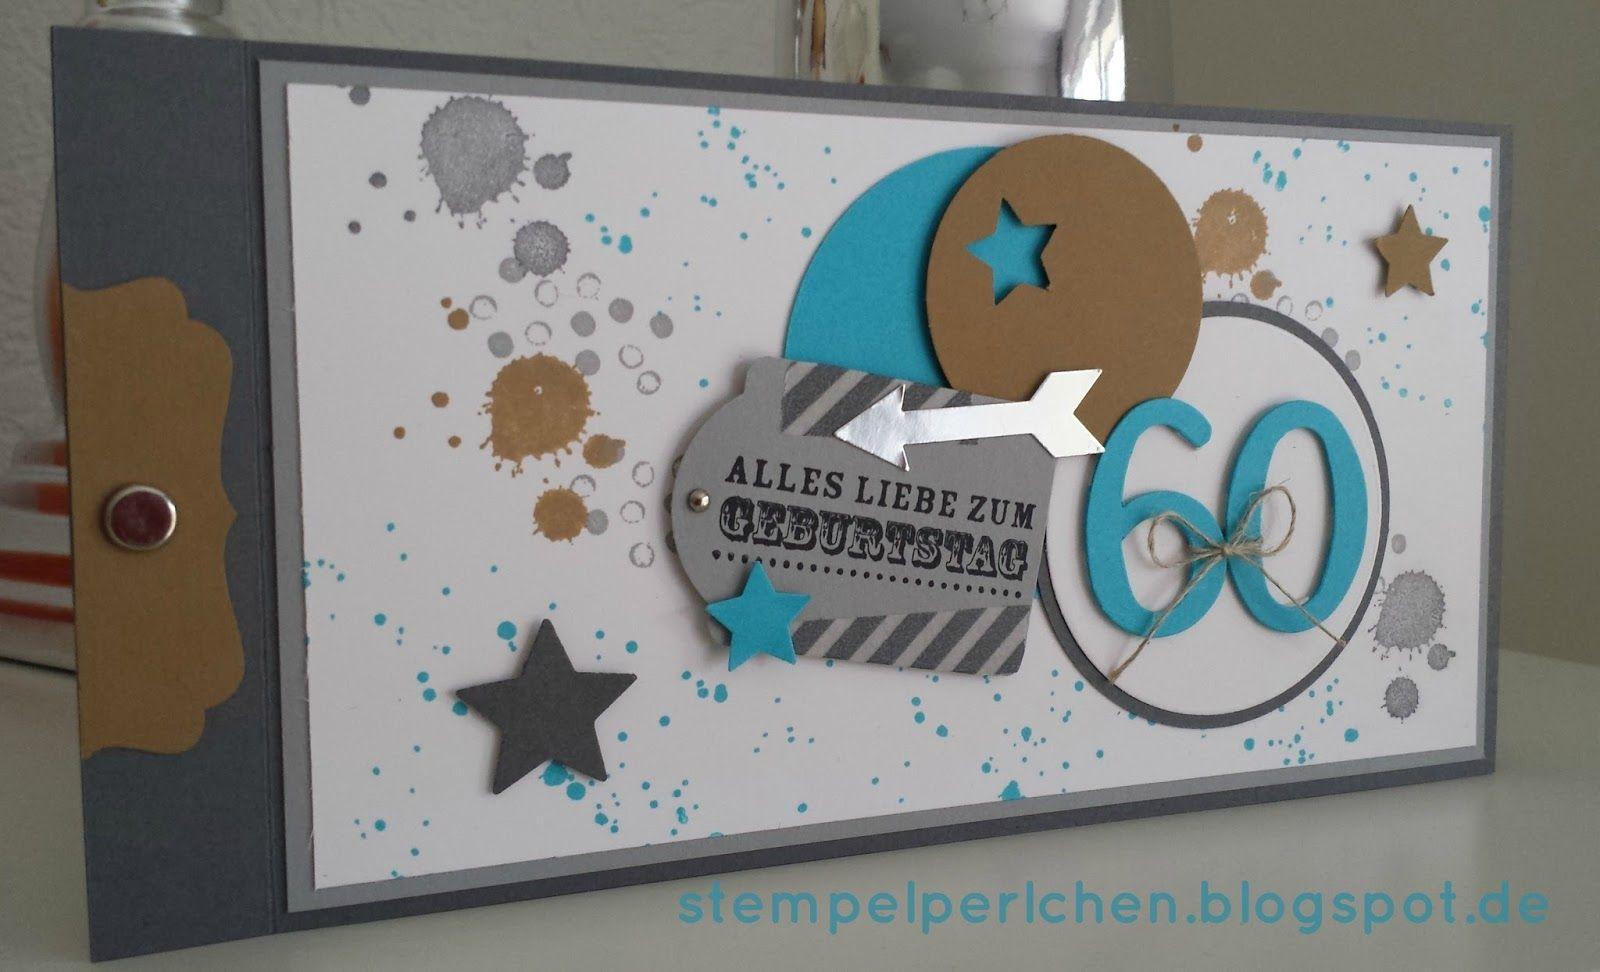 Gluckwunschkarte Die 3 Zum 60 Geburtstag Artchain